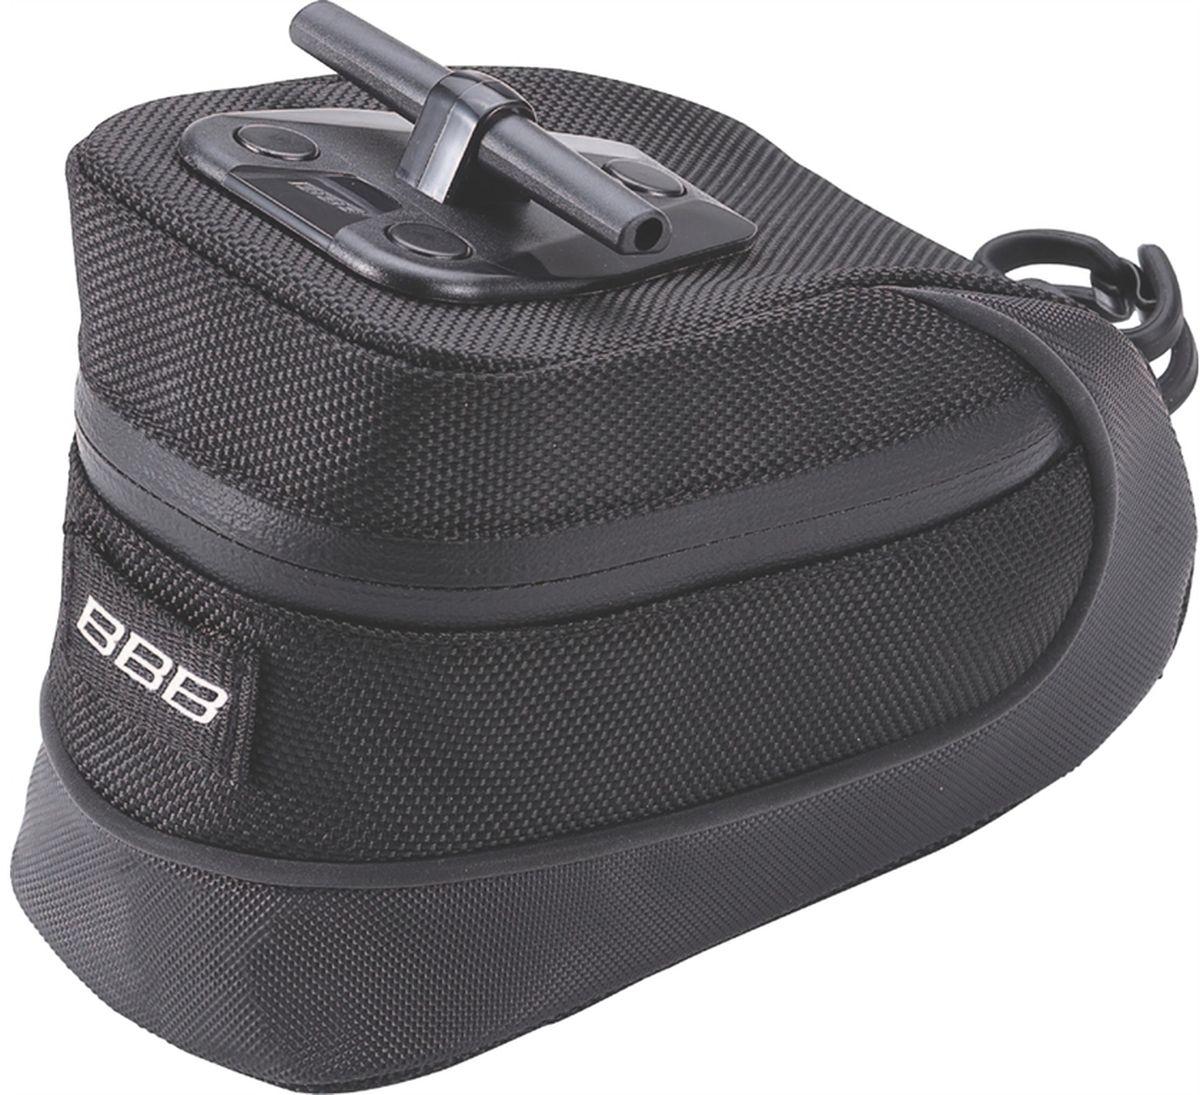 Велосумка под седло BBB StorePack, цвет: черный. Размер MBSB-12MВ сумке BBB StorePack применяются лучшие материалы и новейшие технологии. Синяя подкладка обеспечивает лучшую видимость содержимого. Эластичный ремешок и карман для простоты организации содержимого вашей сумочки. Водонепроницаемая молния с фиксатором дает дополнительную безопасность и абсолютно бесшумна при езде. Крепление для заднего габарита-LED фонарика. Черная светоотражающая полоска помогает лучше видеть вас на дороге. Т-образная система крепления для быстрой установки и снятия. Резиновый ремешок крепления к подседельному штырю для помогает в надежной фиксации сумочки.